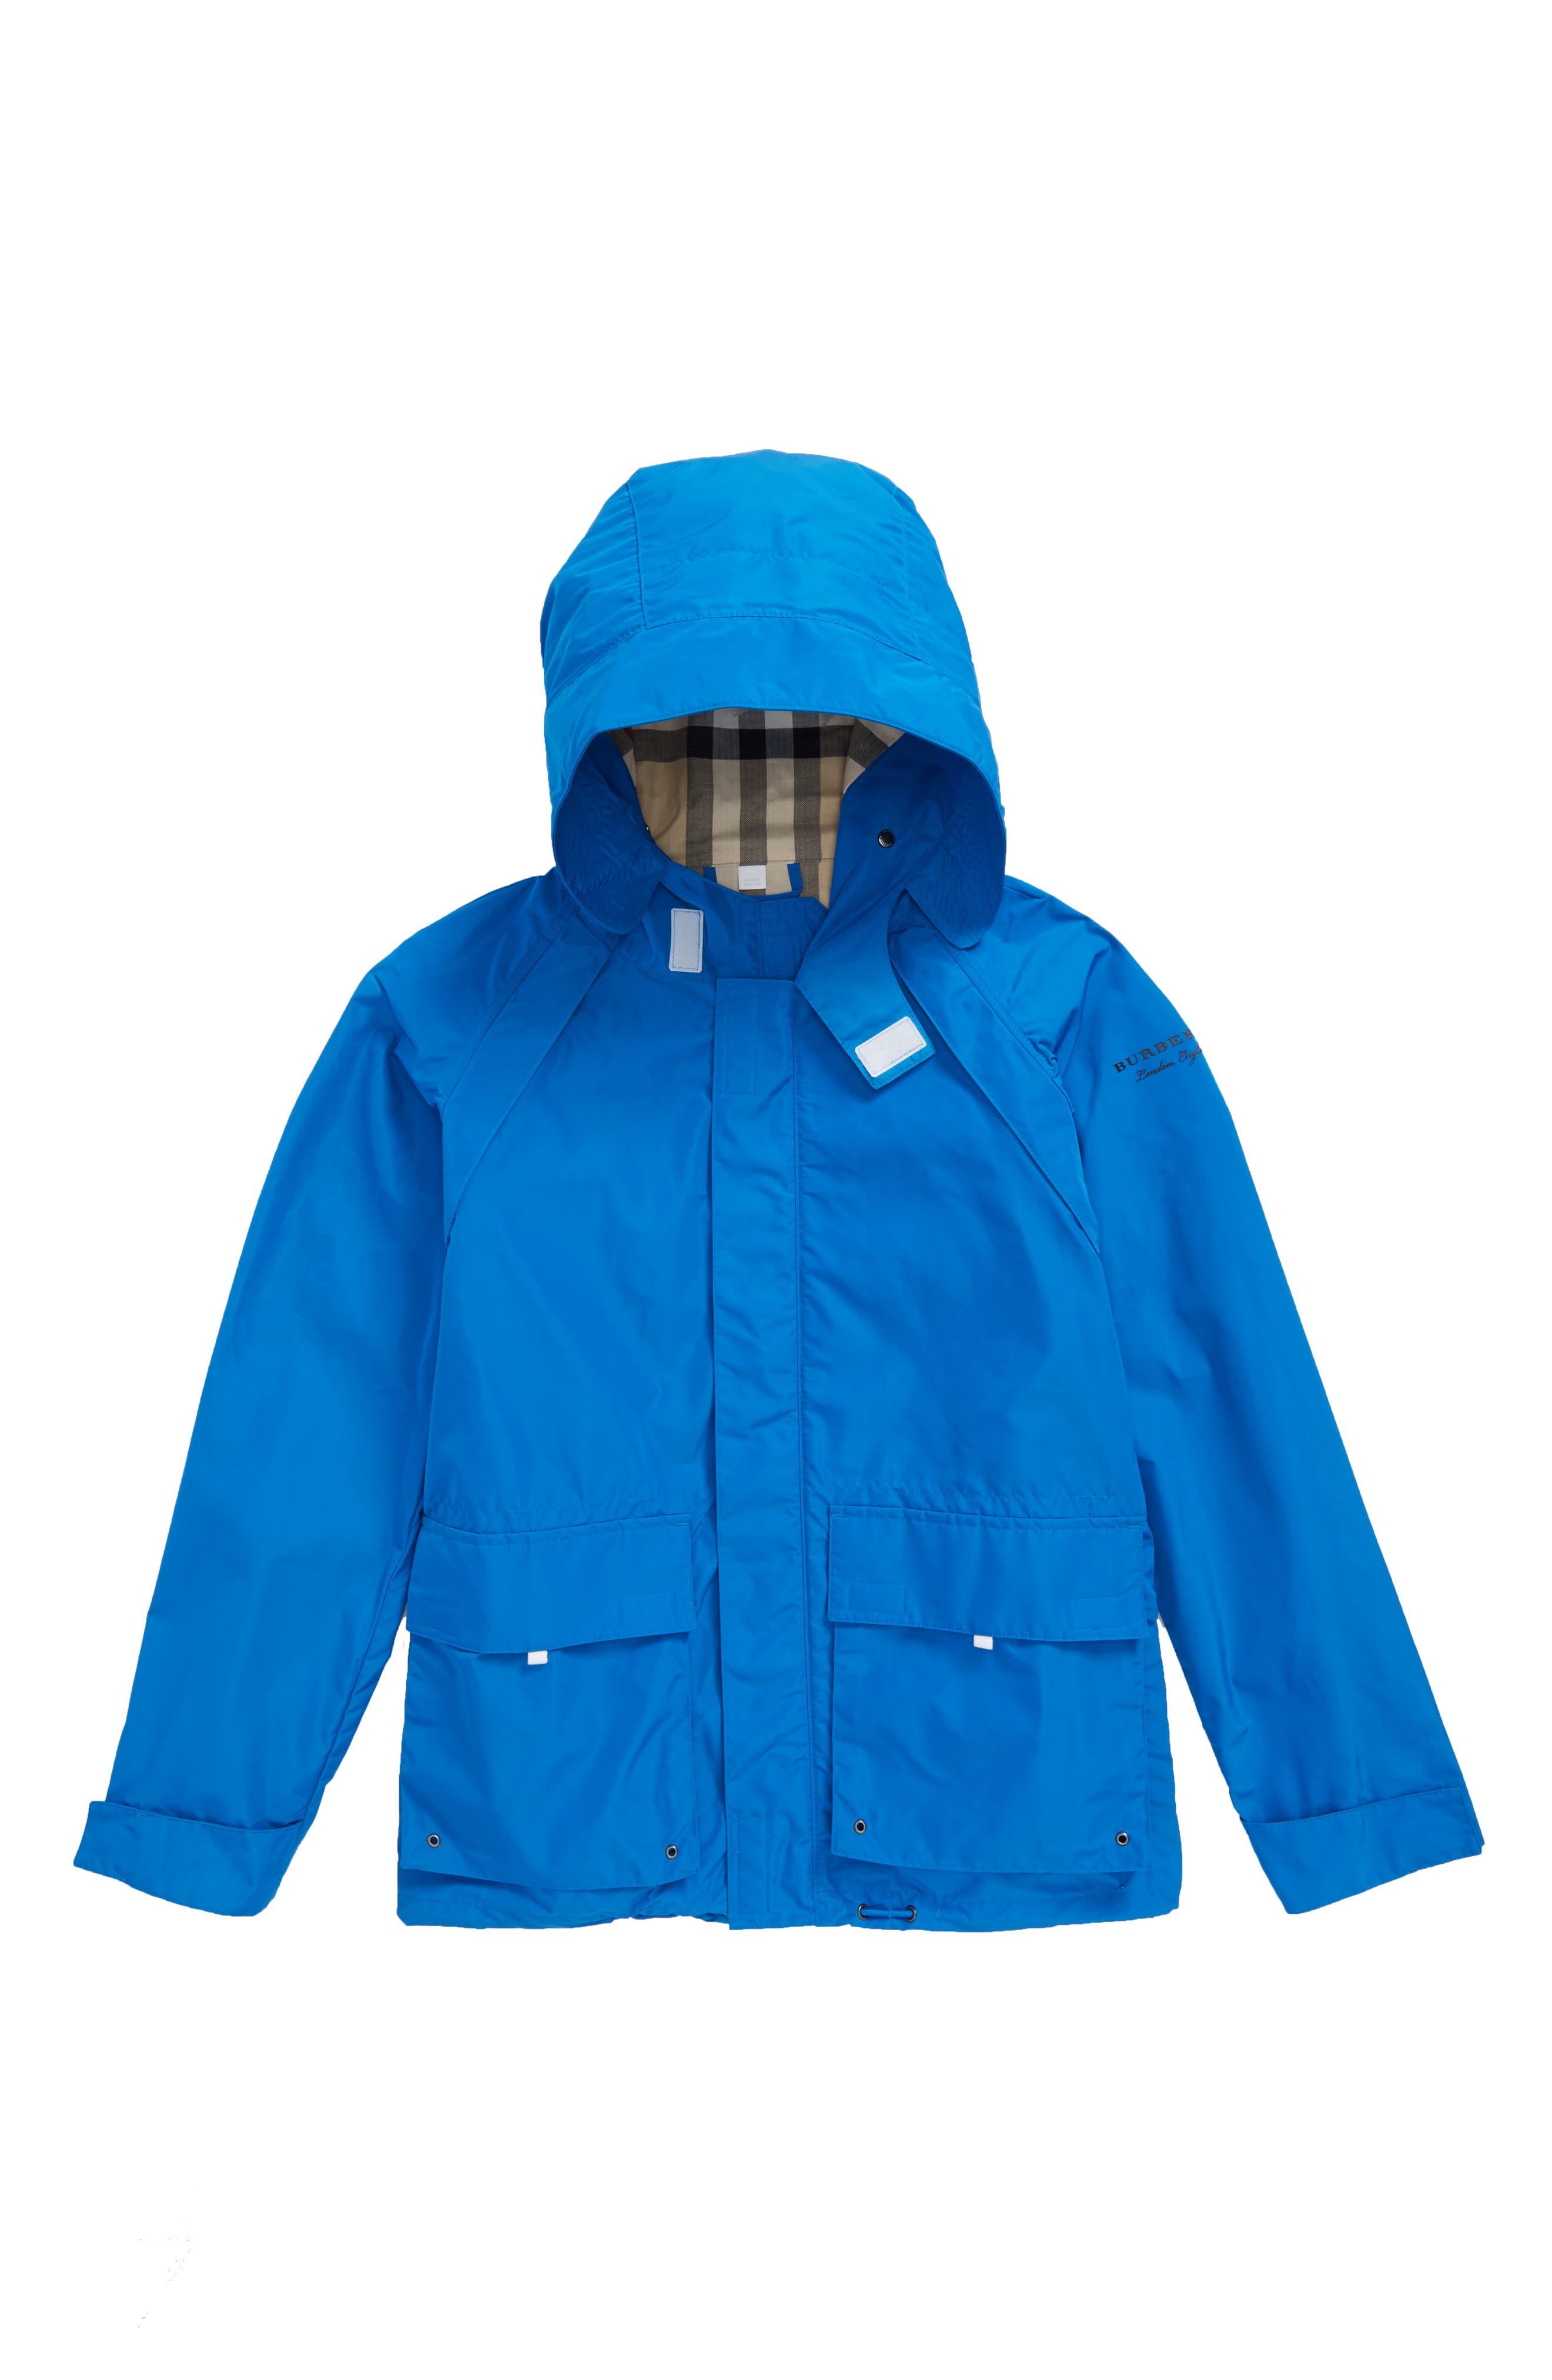 Yately Waterproof Field Jacket,                         Main,                         color, Azure Blue